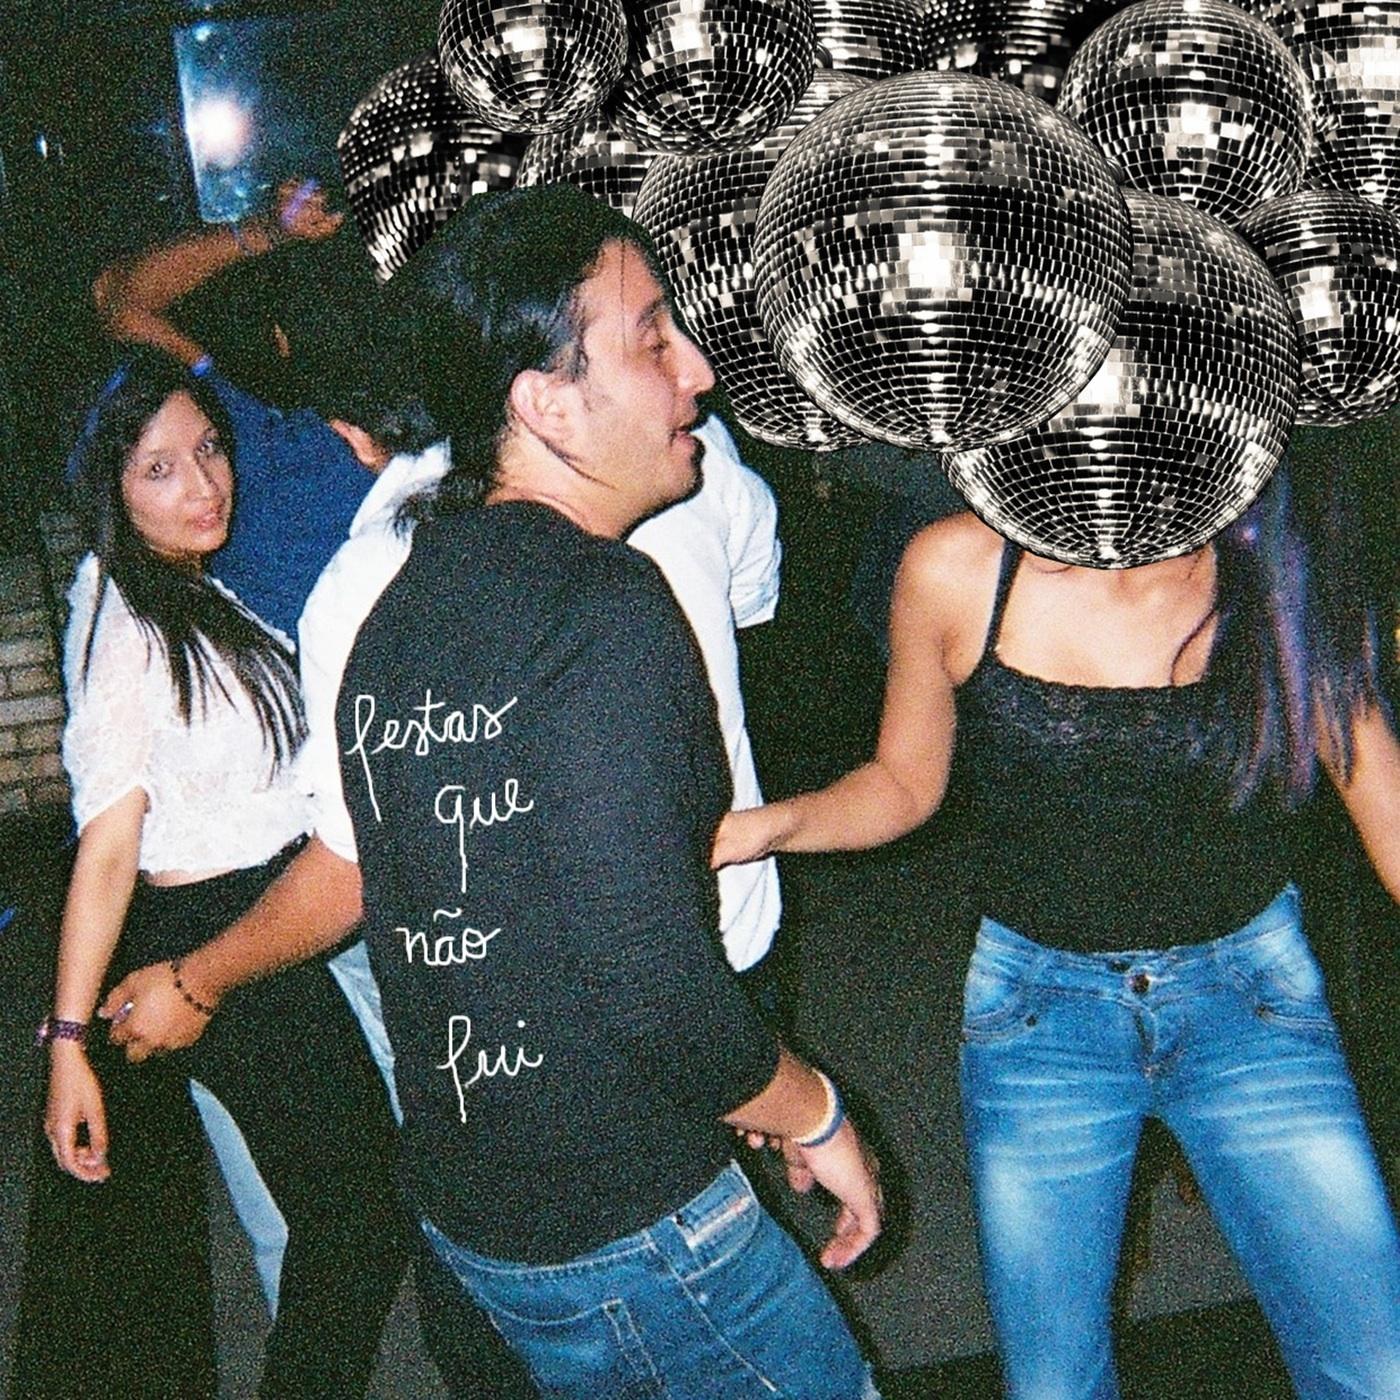 festas que não fui